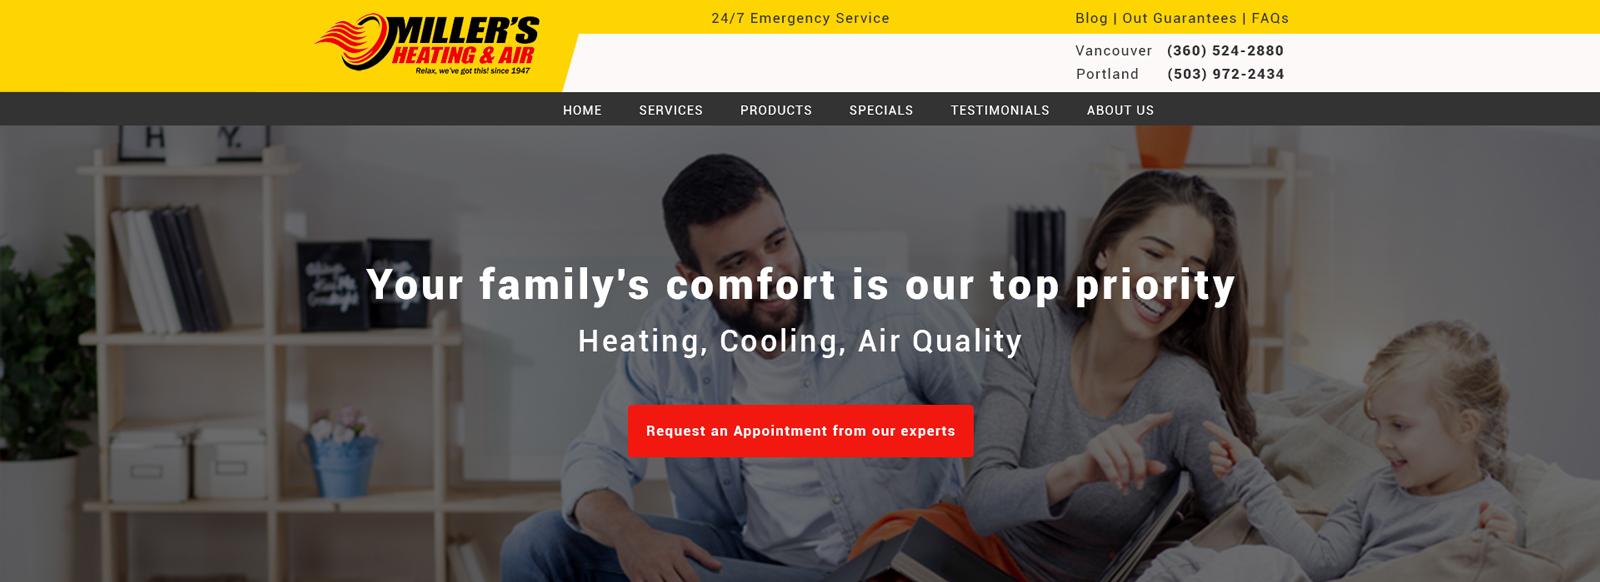 Сайт для обслуживания кондиционеров и оттопления